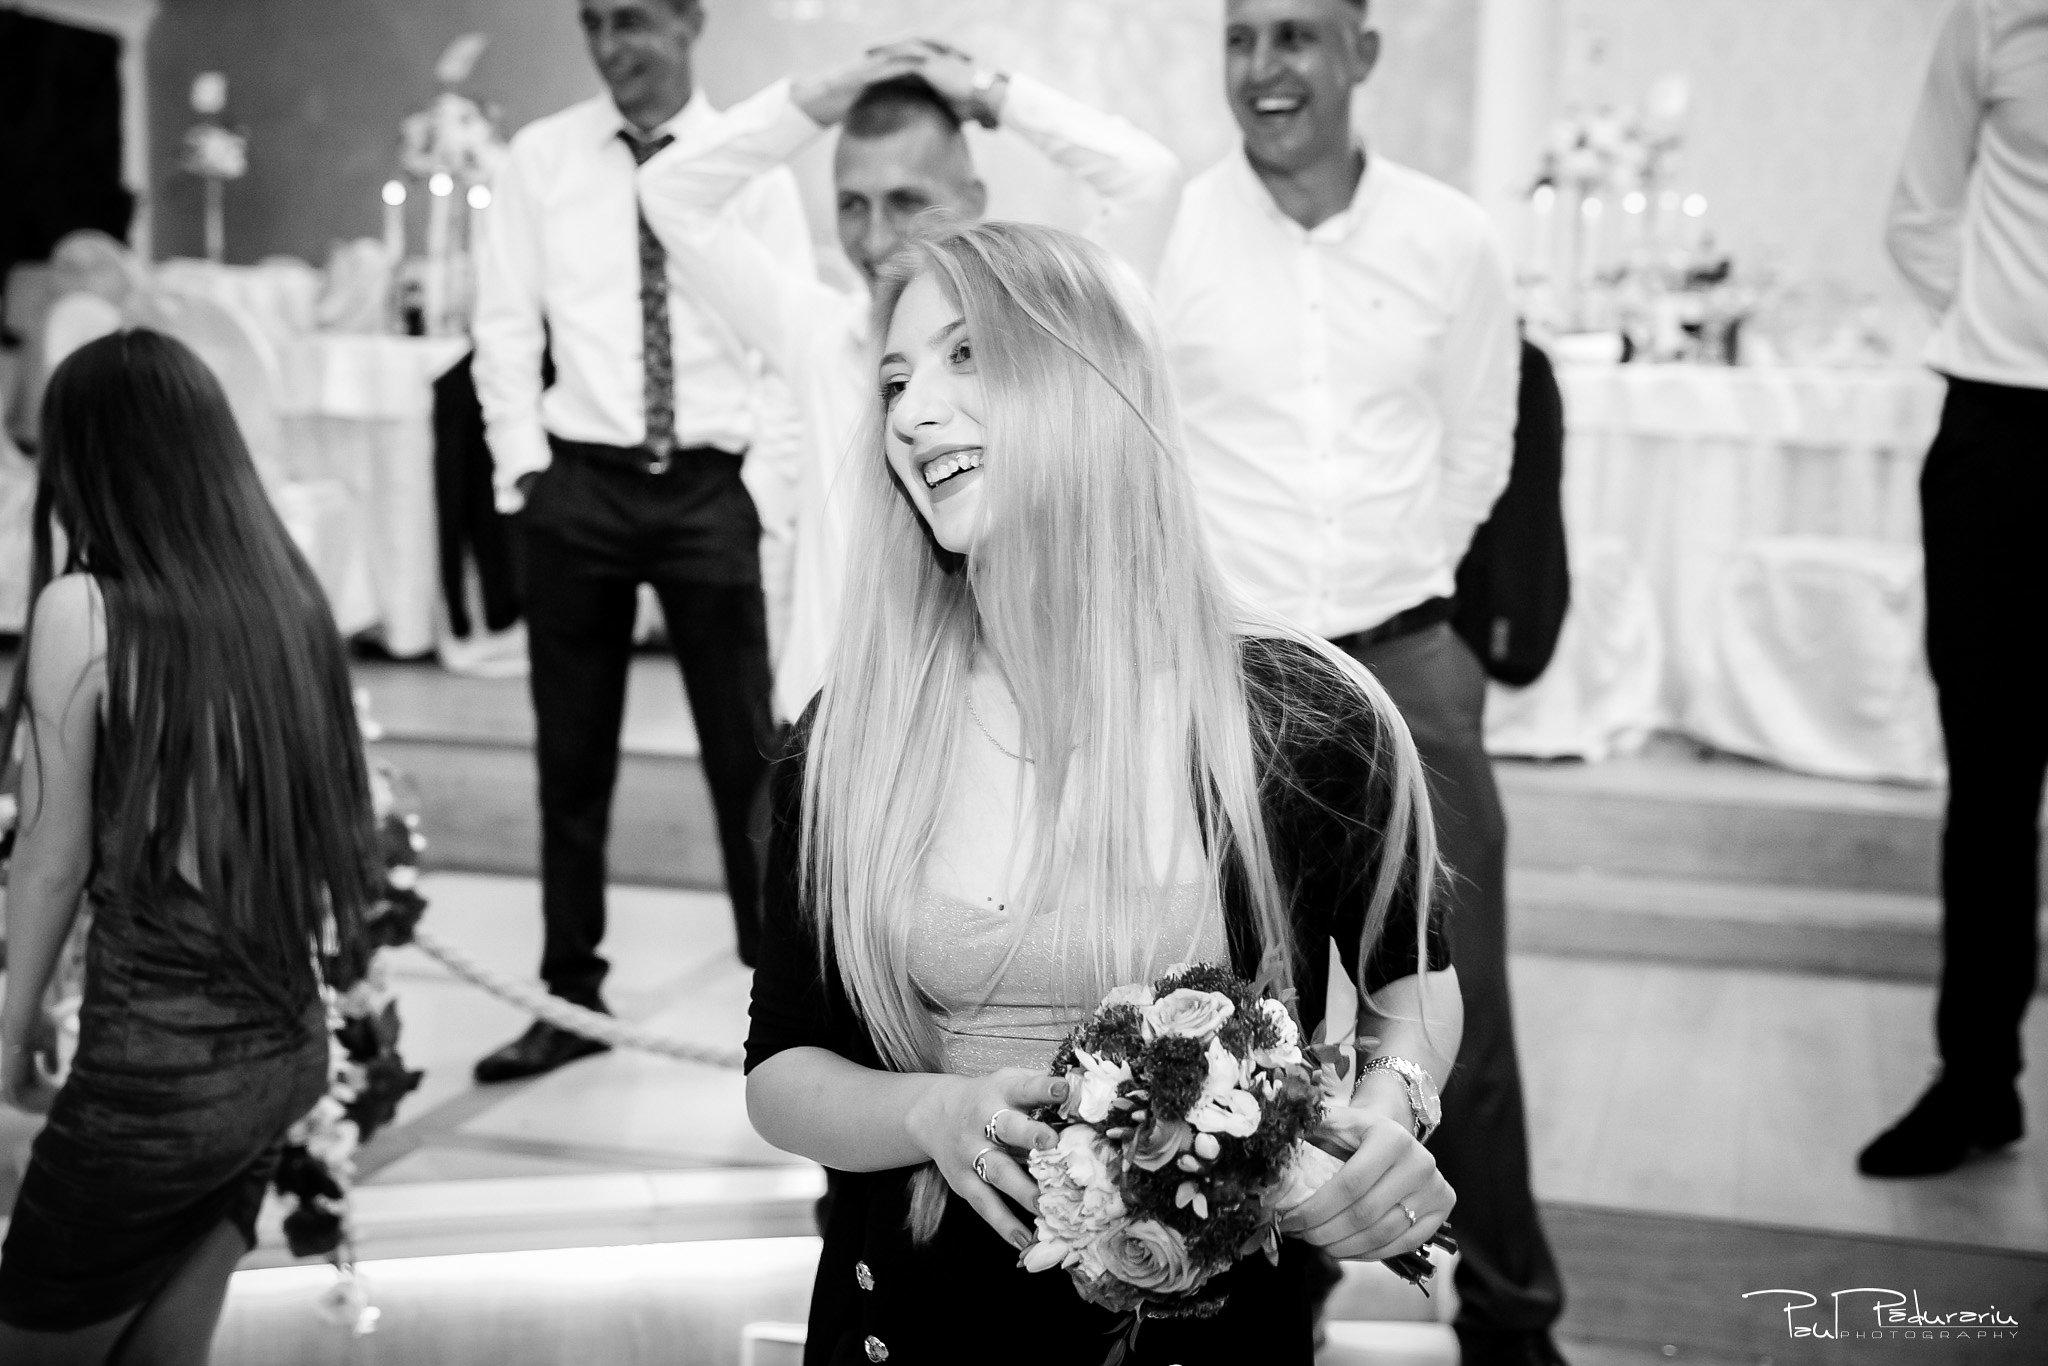 Nunta la Castel Iasi Ana-Maria si Marius fotograf profesionistwww.paulpadurariu.ro © 2018 Paul Padurariu 4